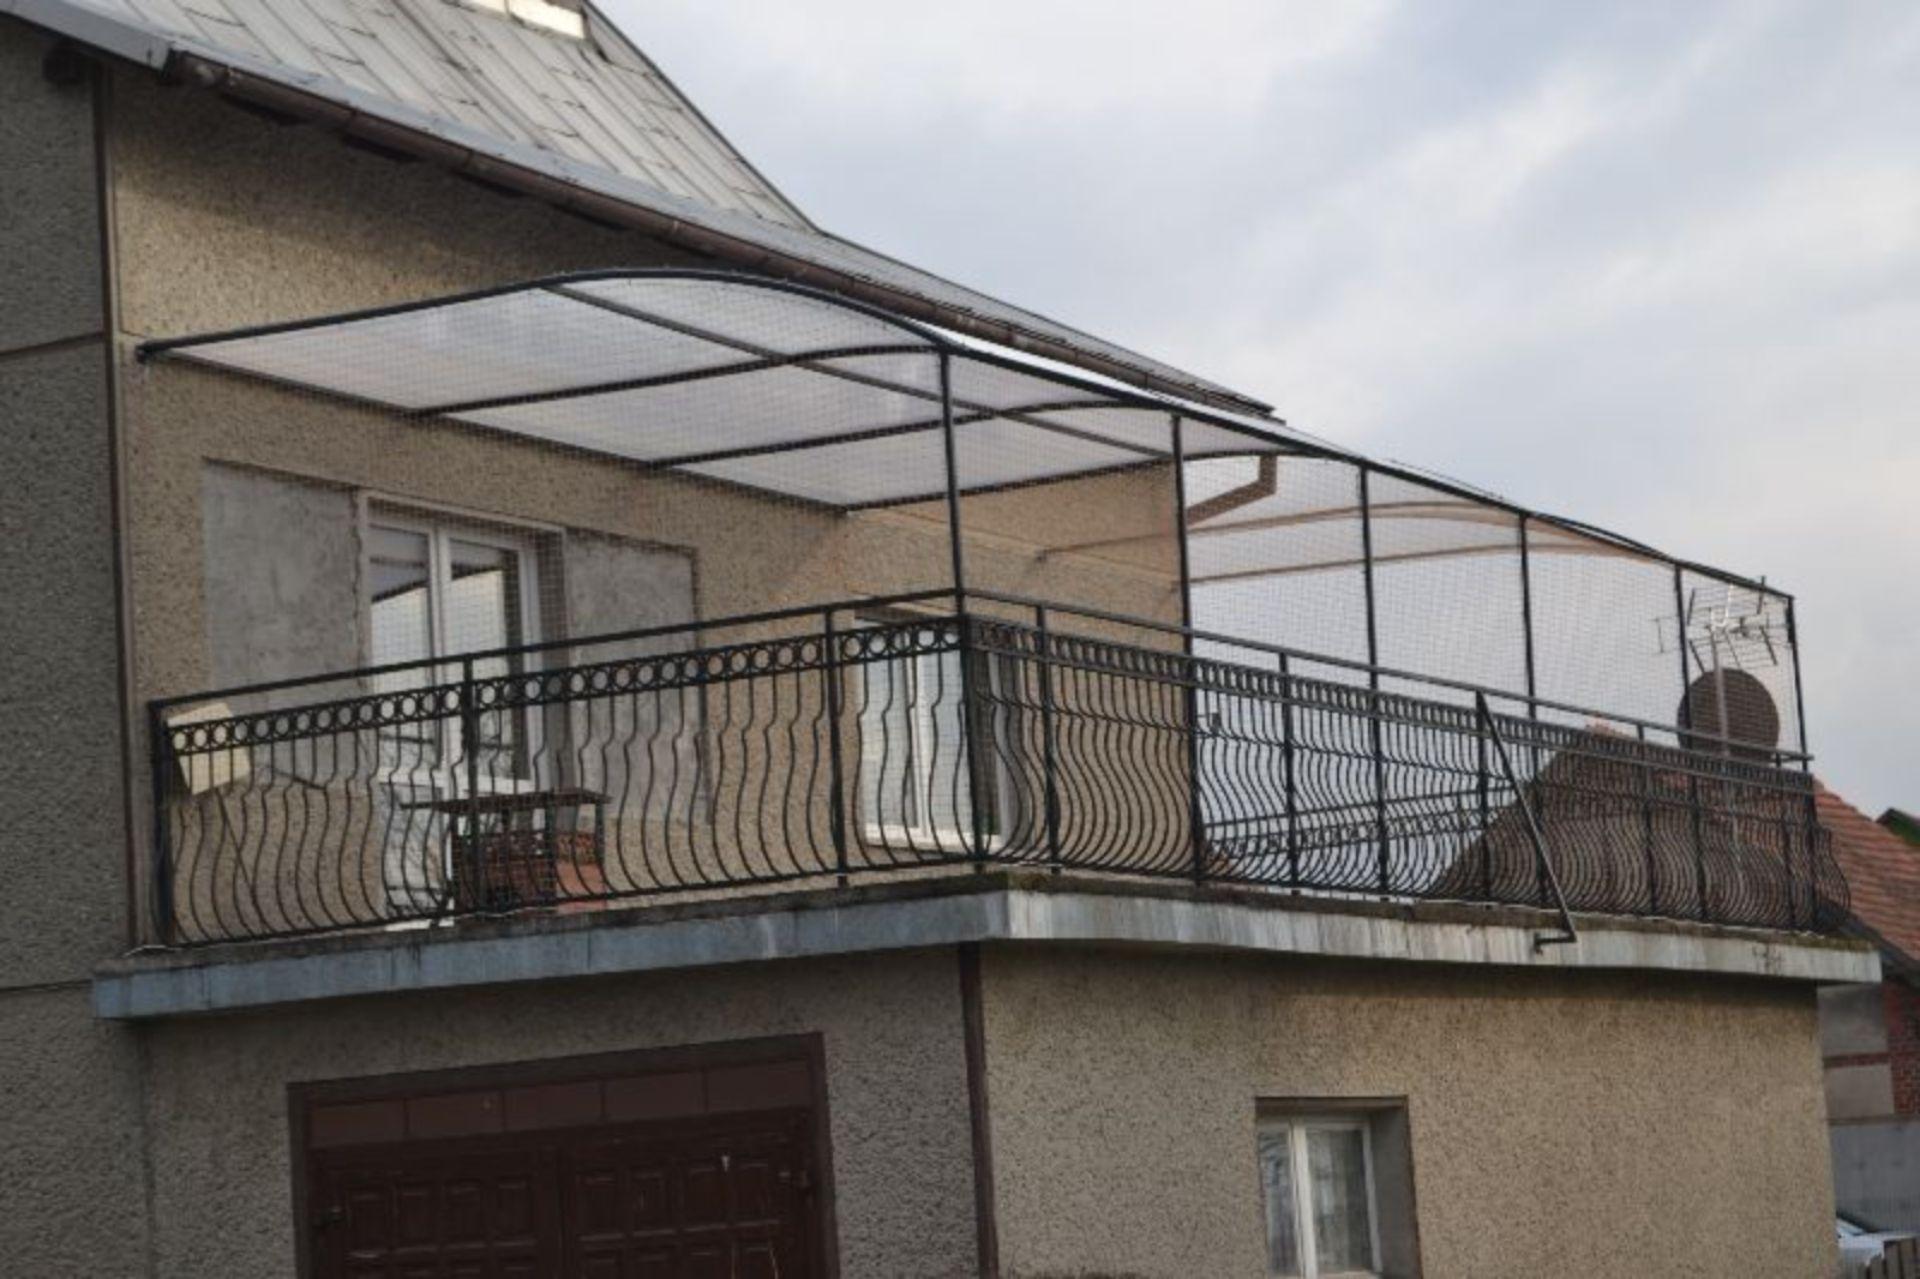 Zabezpieczenie Dla Kotów Balkony Tarasy Bydgoszcz